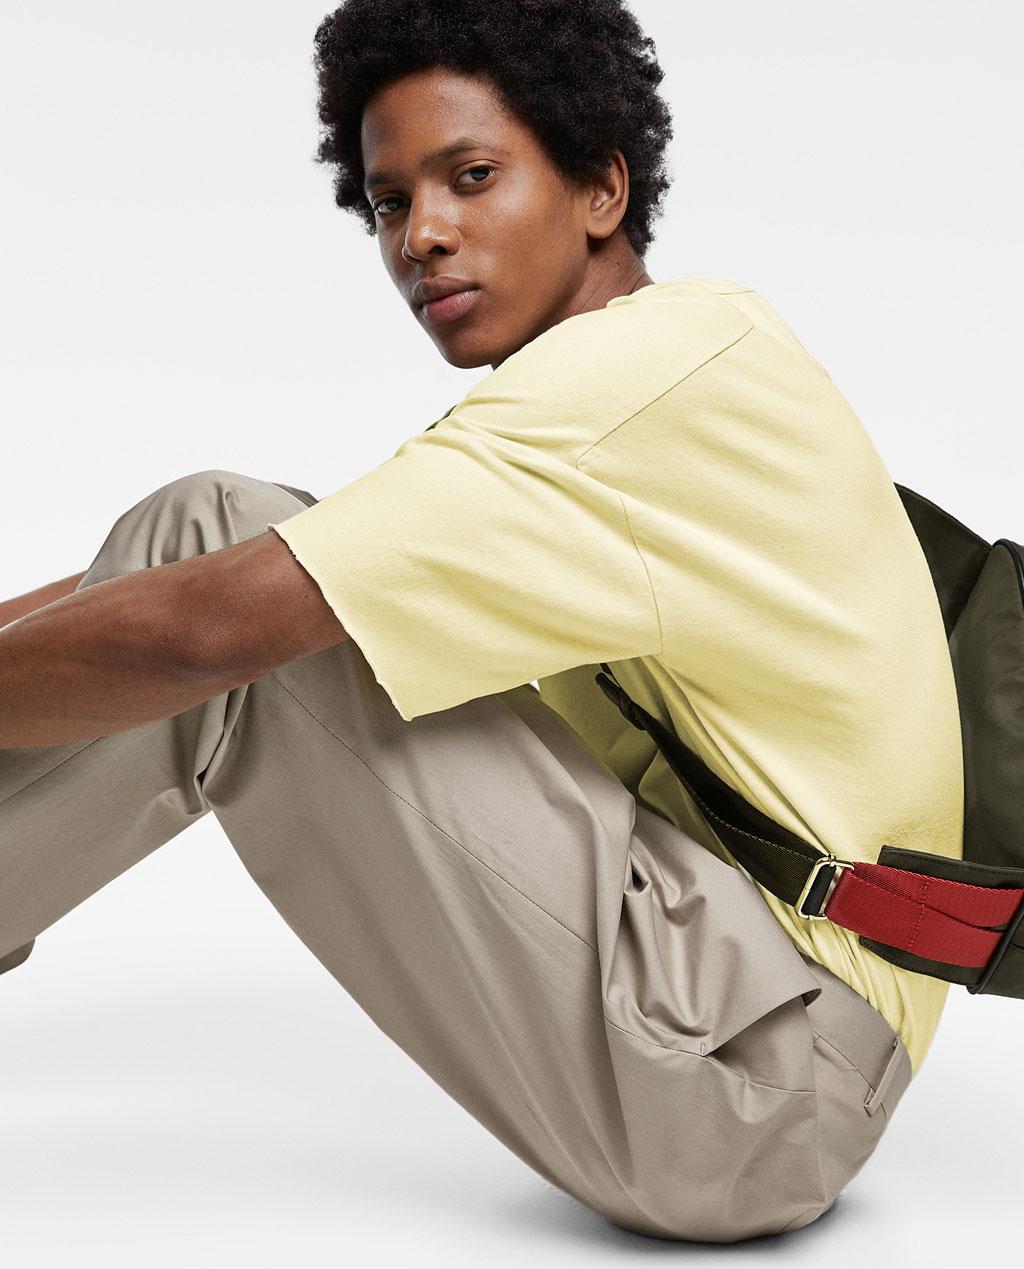 Thời trang nam Zara  24015 - ảnh 9